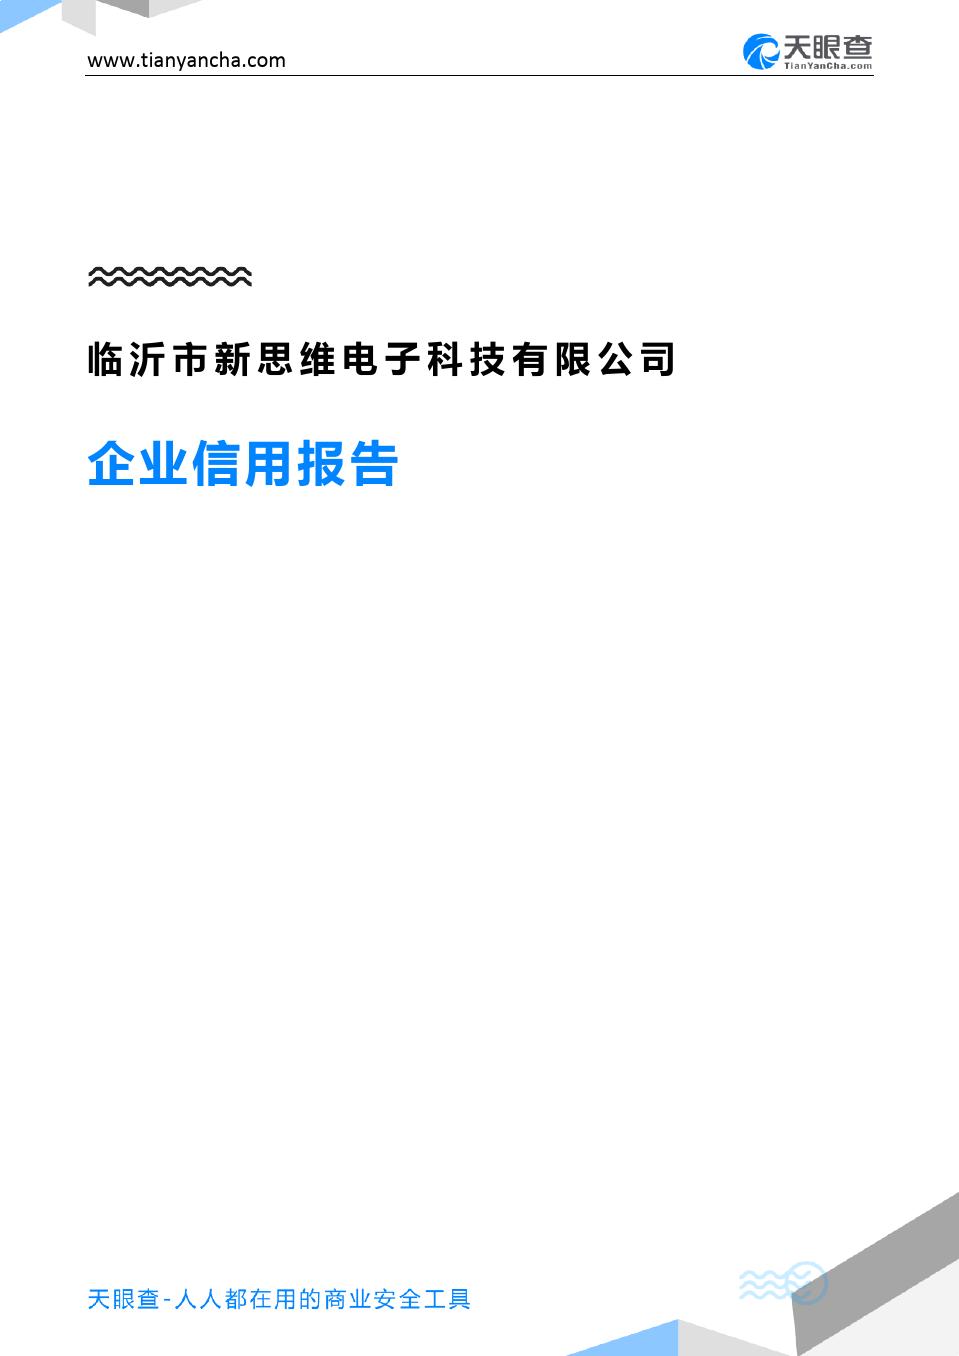 临沂市新思维电子科技有限公司(企业信用报告)- 天眼查